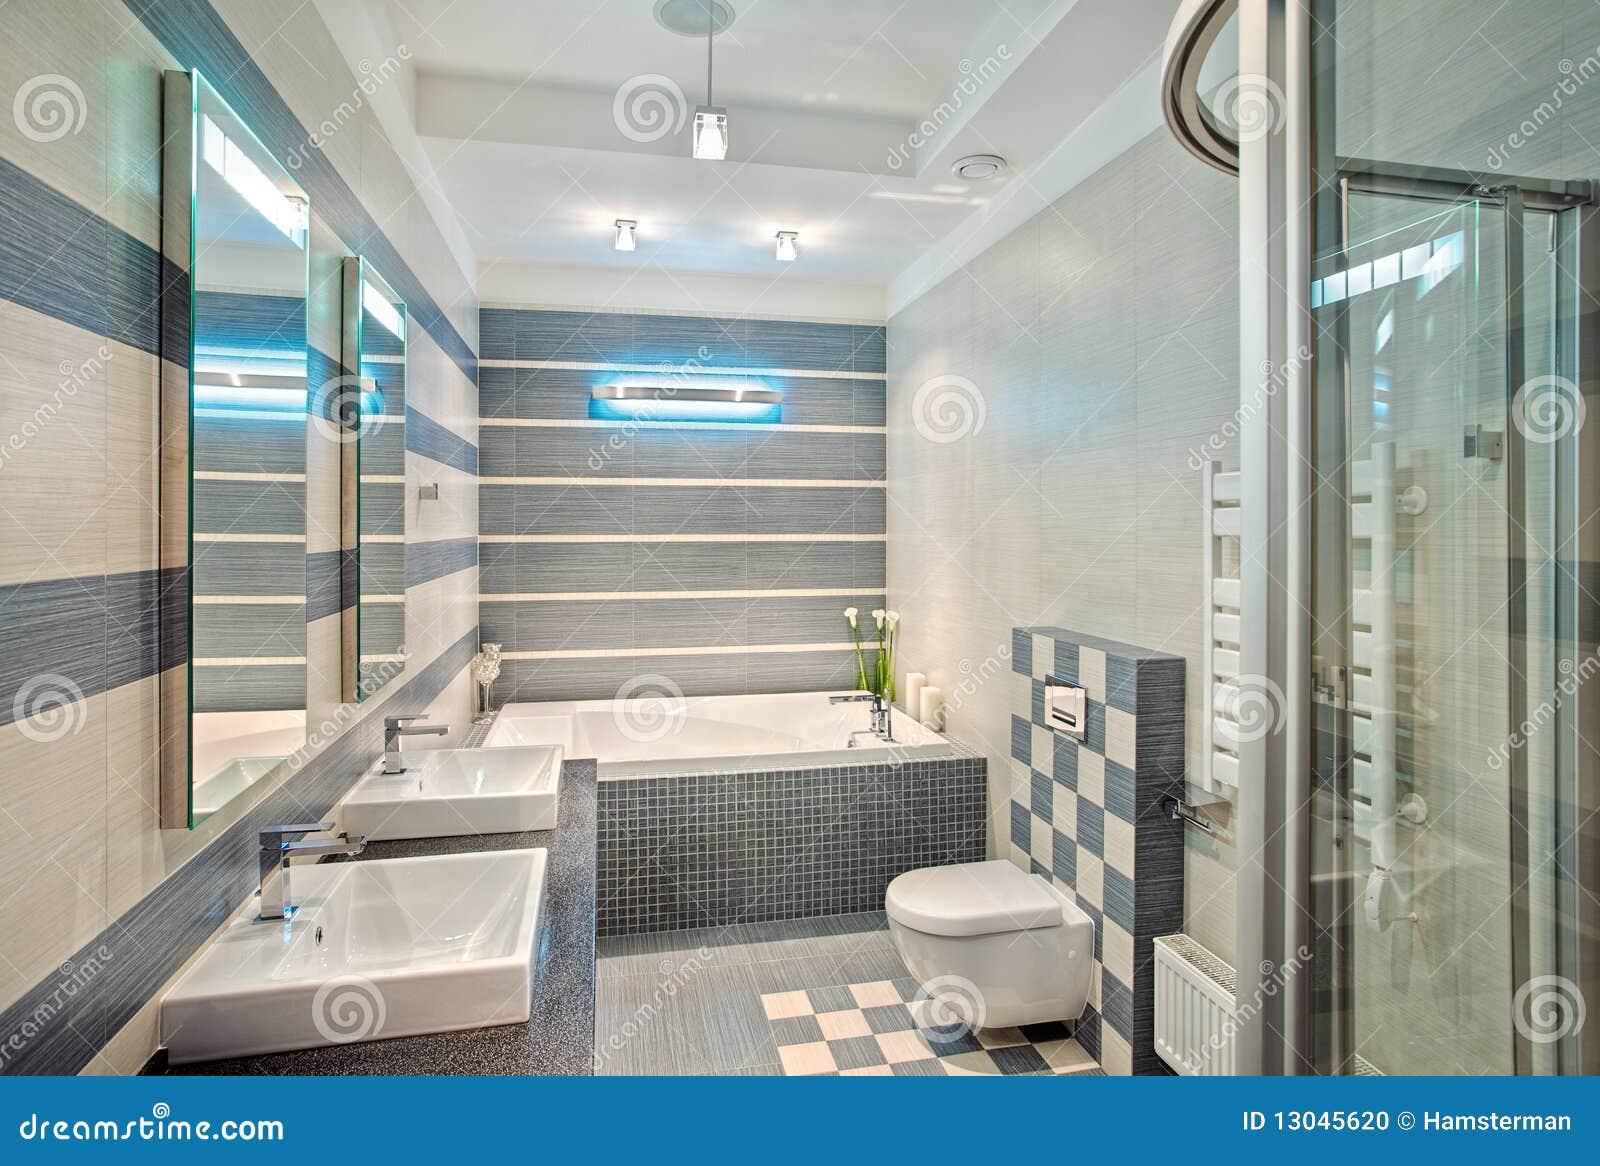 Salle de bains moderne dans des sons bleus et gris avec la mosaïque